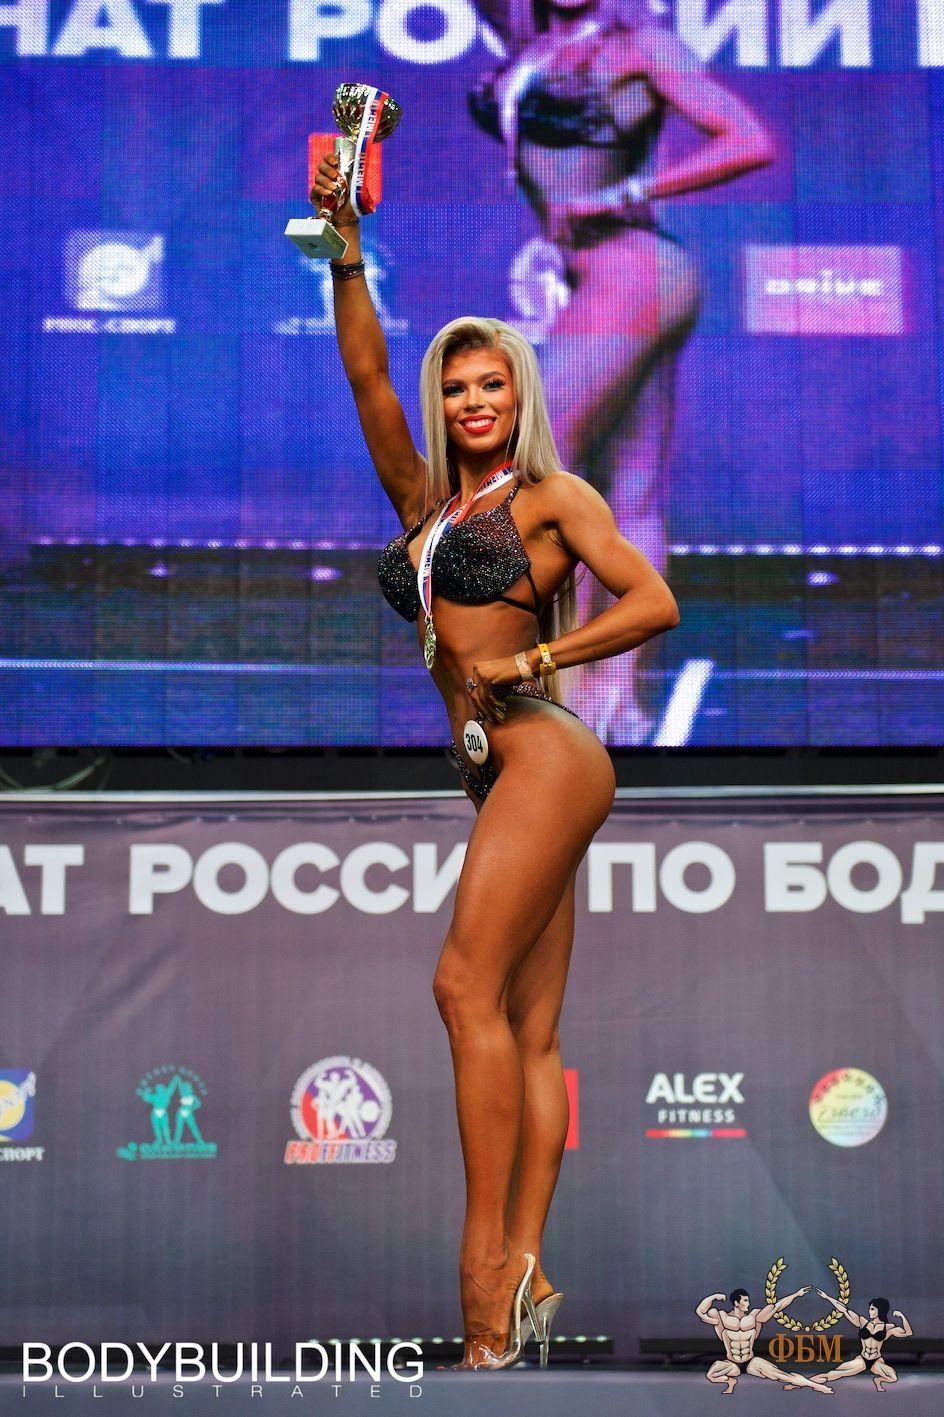 По итогам чемпионата России по бодибилдингу 2019 (ФББР)